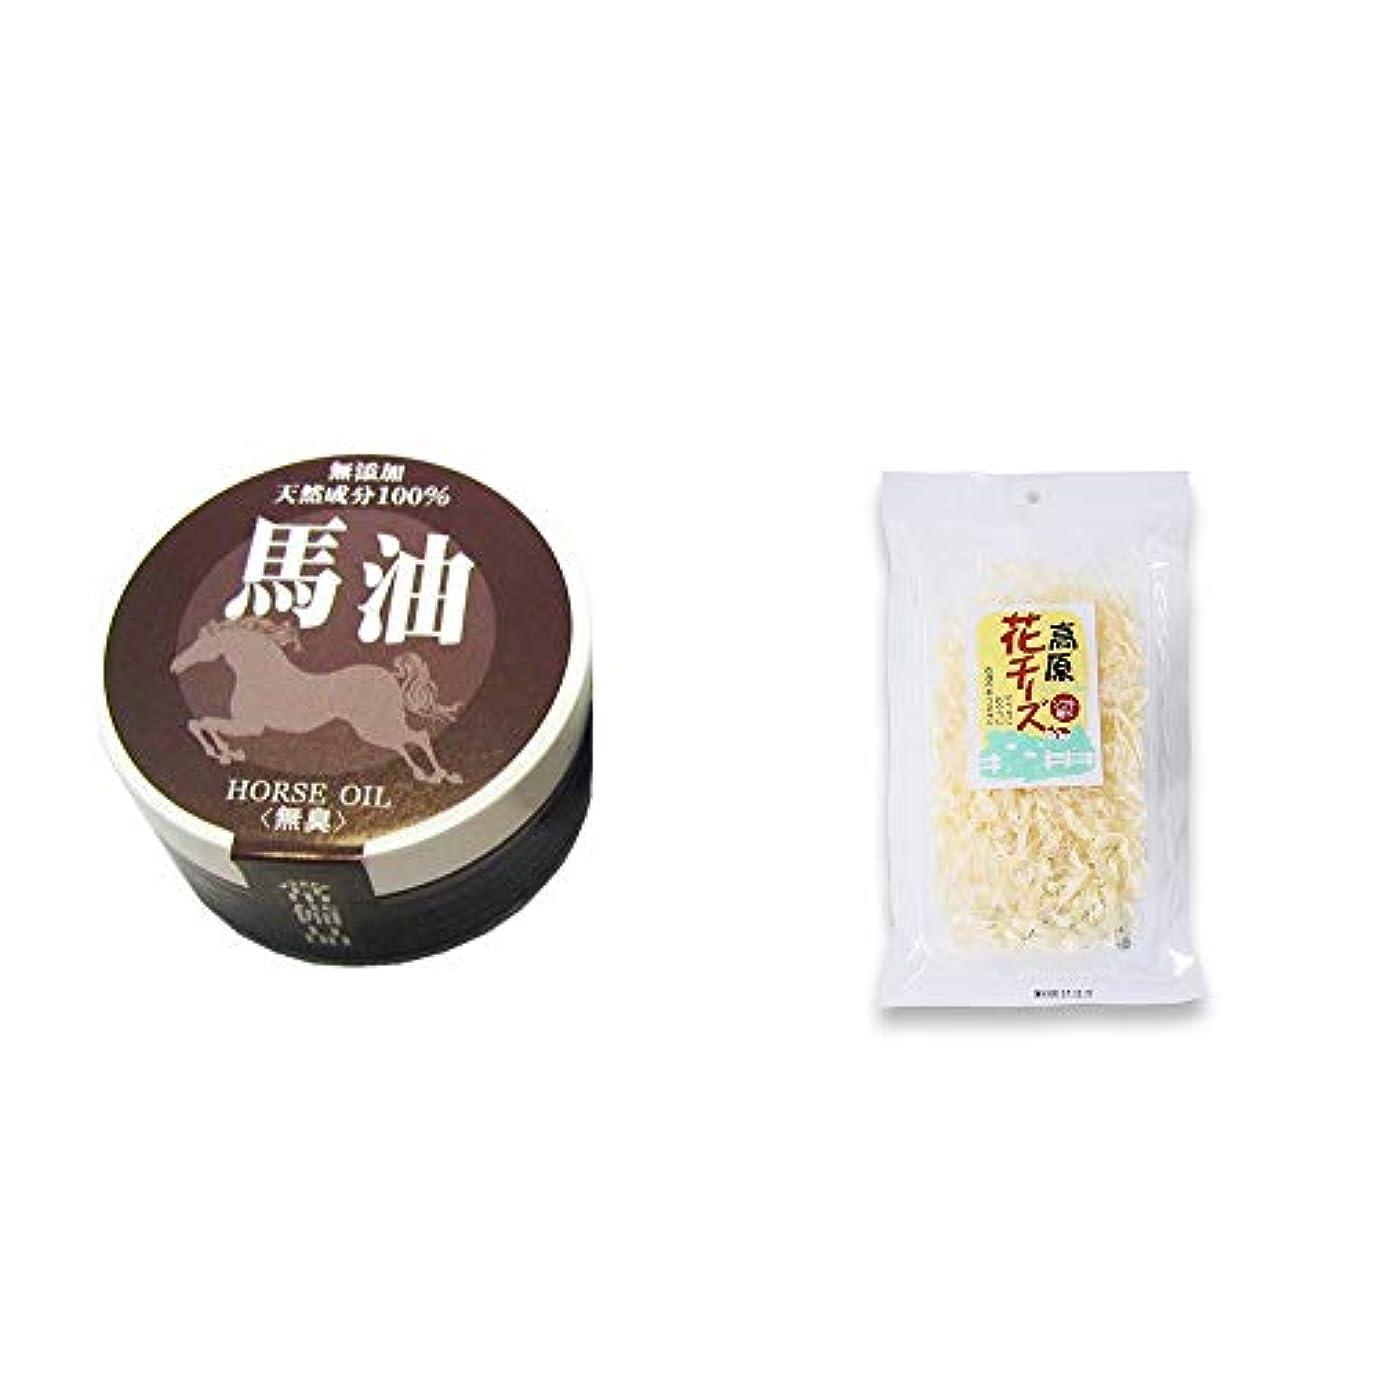 に対処するゴミ問題[2点セット] 無添加天然成分100% 馬油[無香料](38g)?高原の花チーズ(56g)